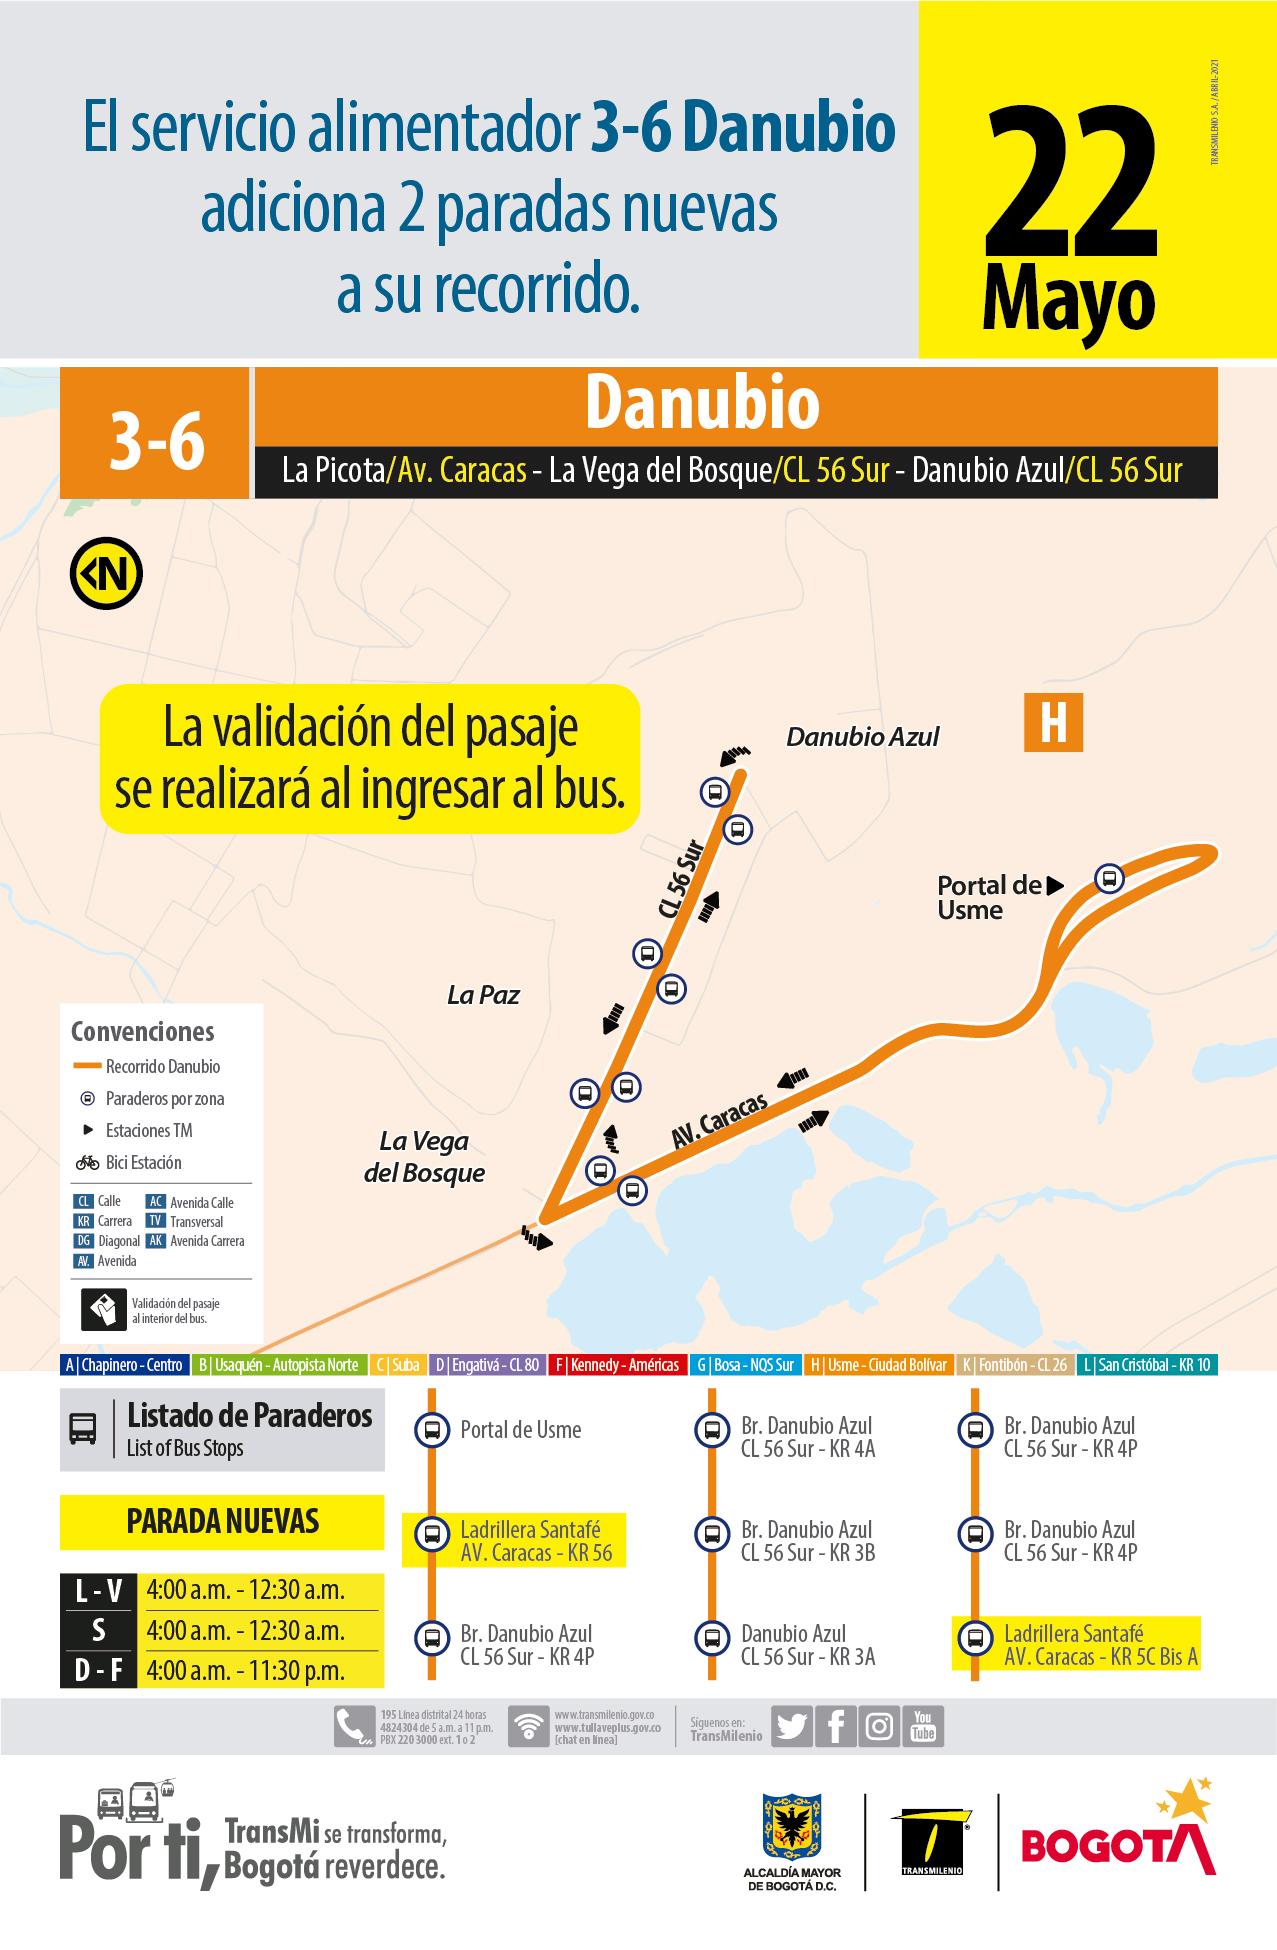 3-6 Danubio